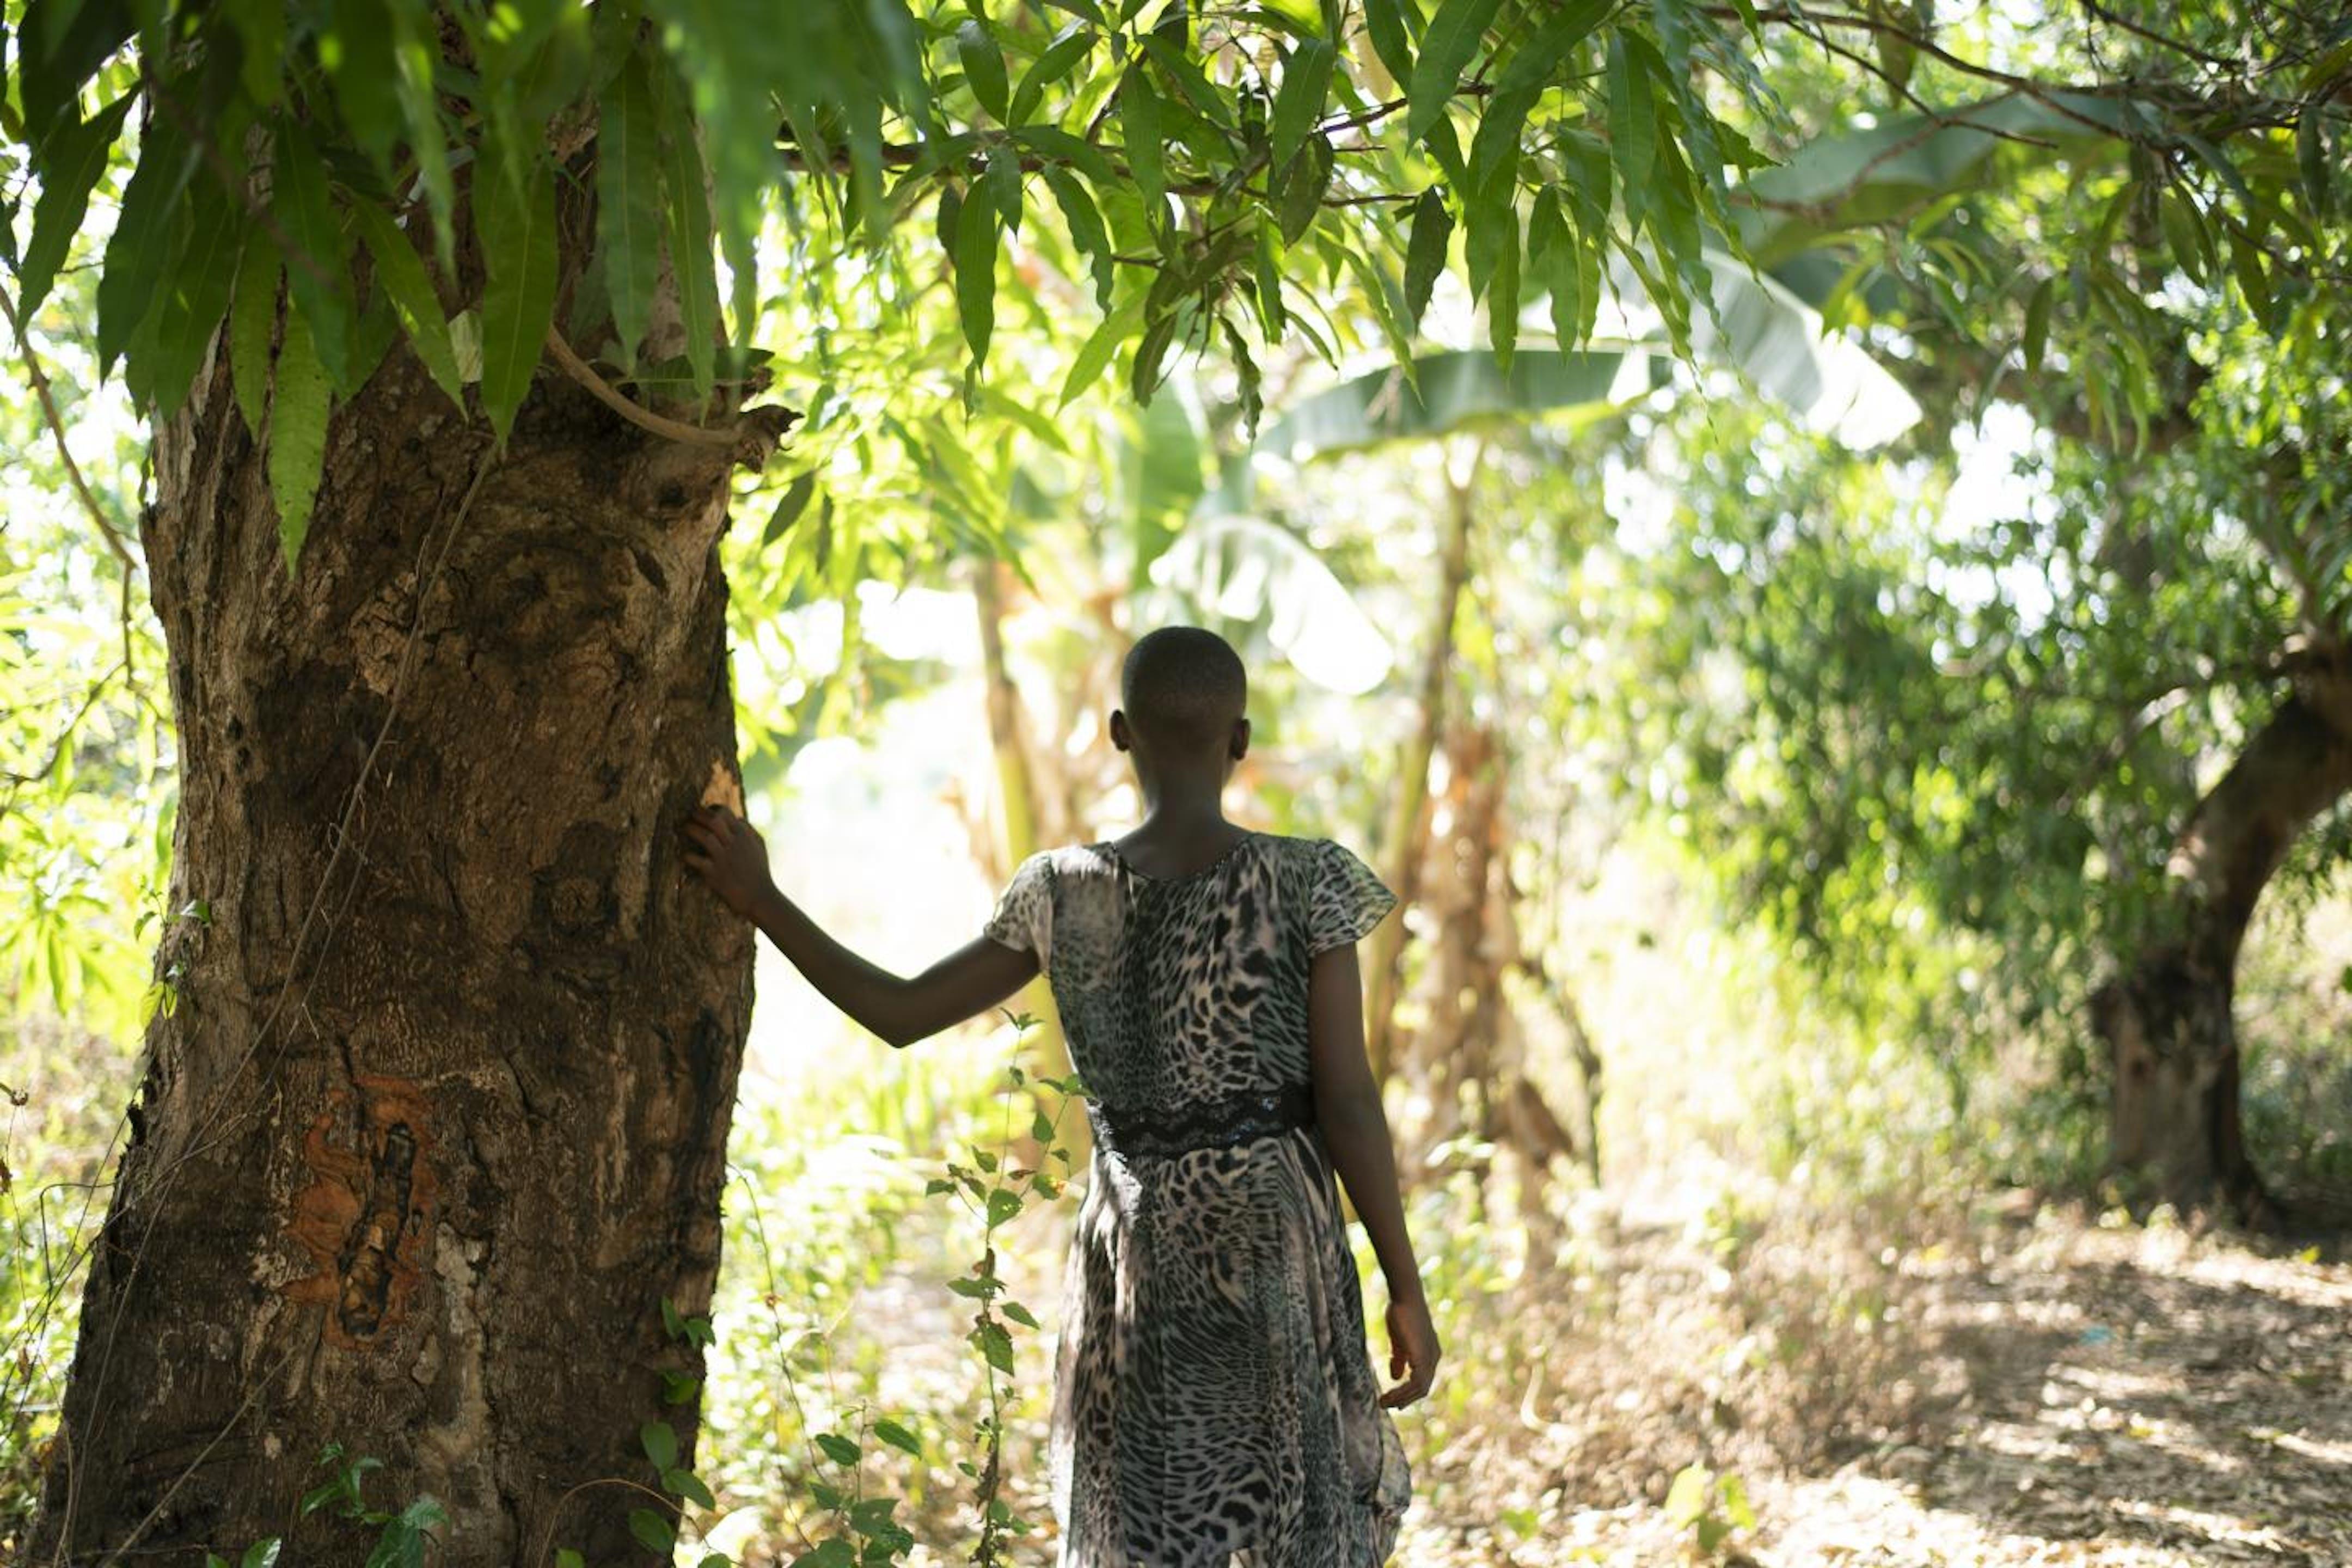 Sud Sudan: Sara, 15 anni, è riuscita a fuggire dopo essere stata arruolata per un anno nelle milizie armate